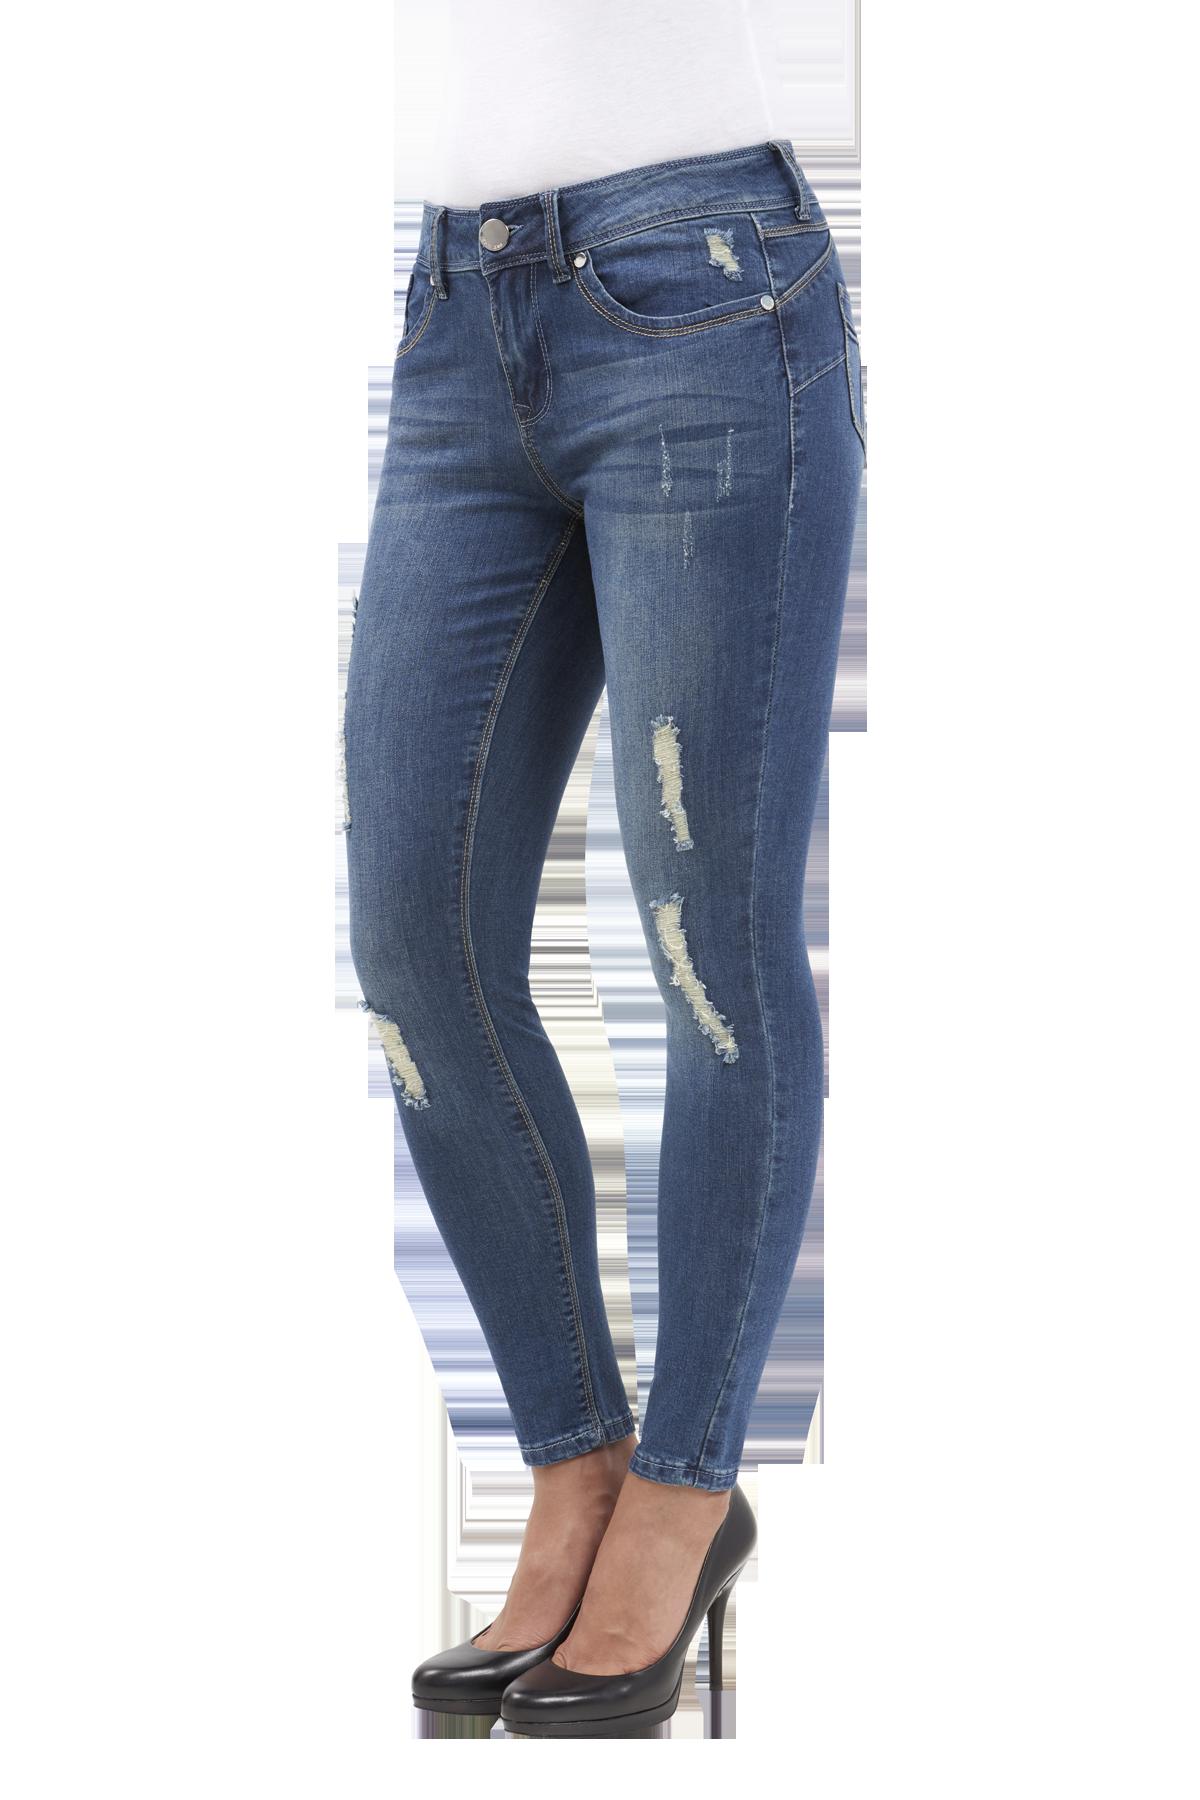 Seven7 Jeans Booty Shaper Legging